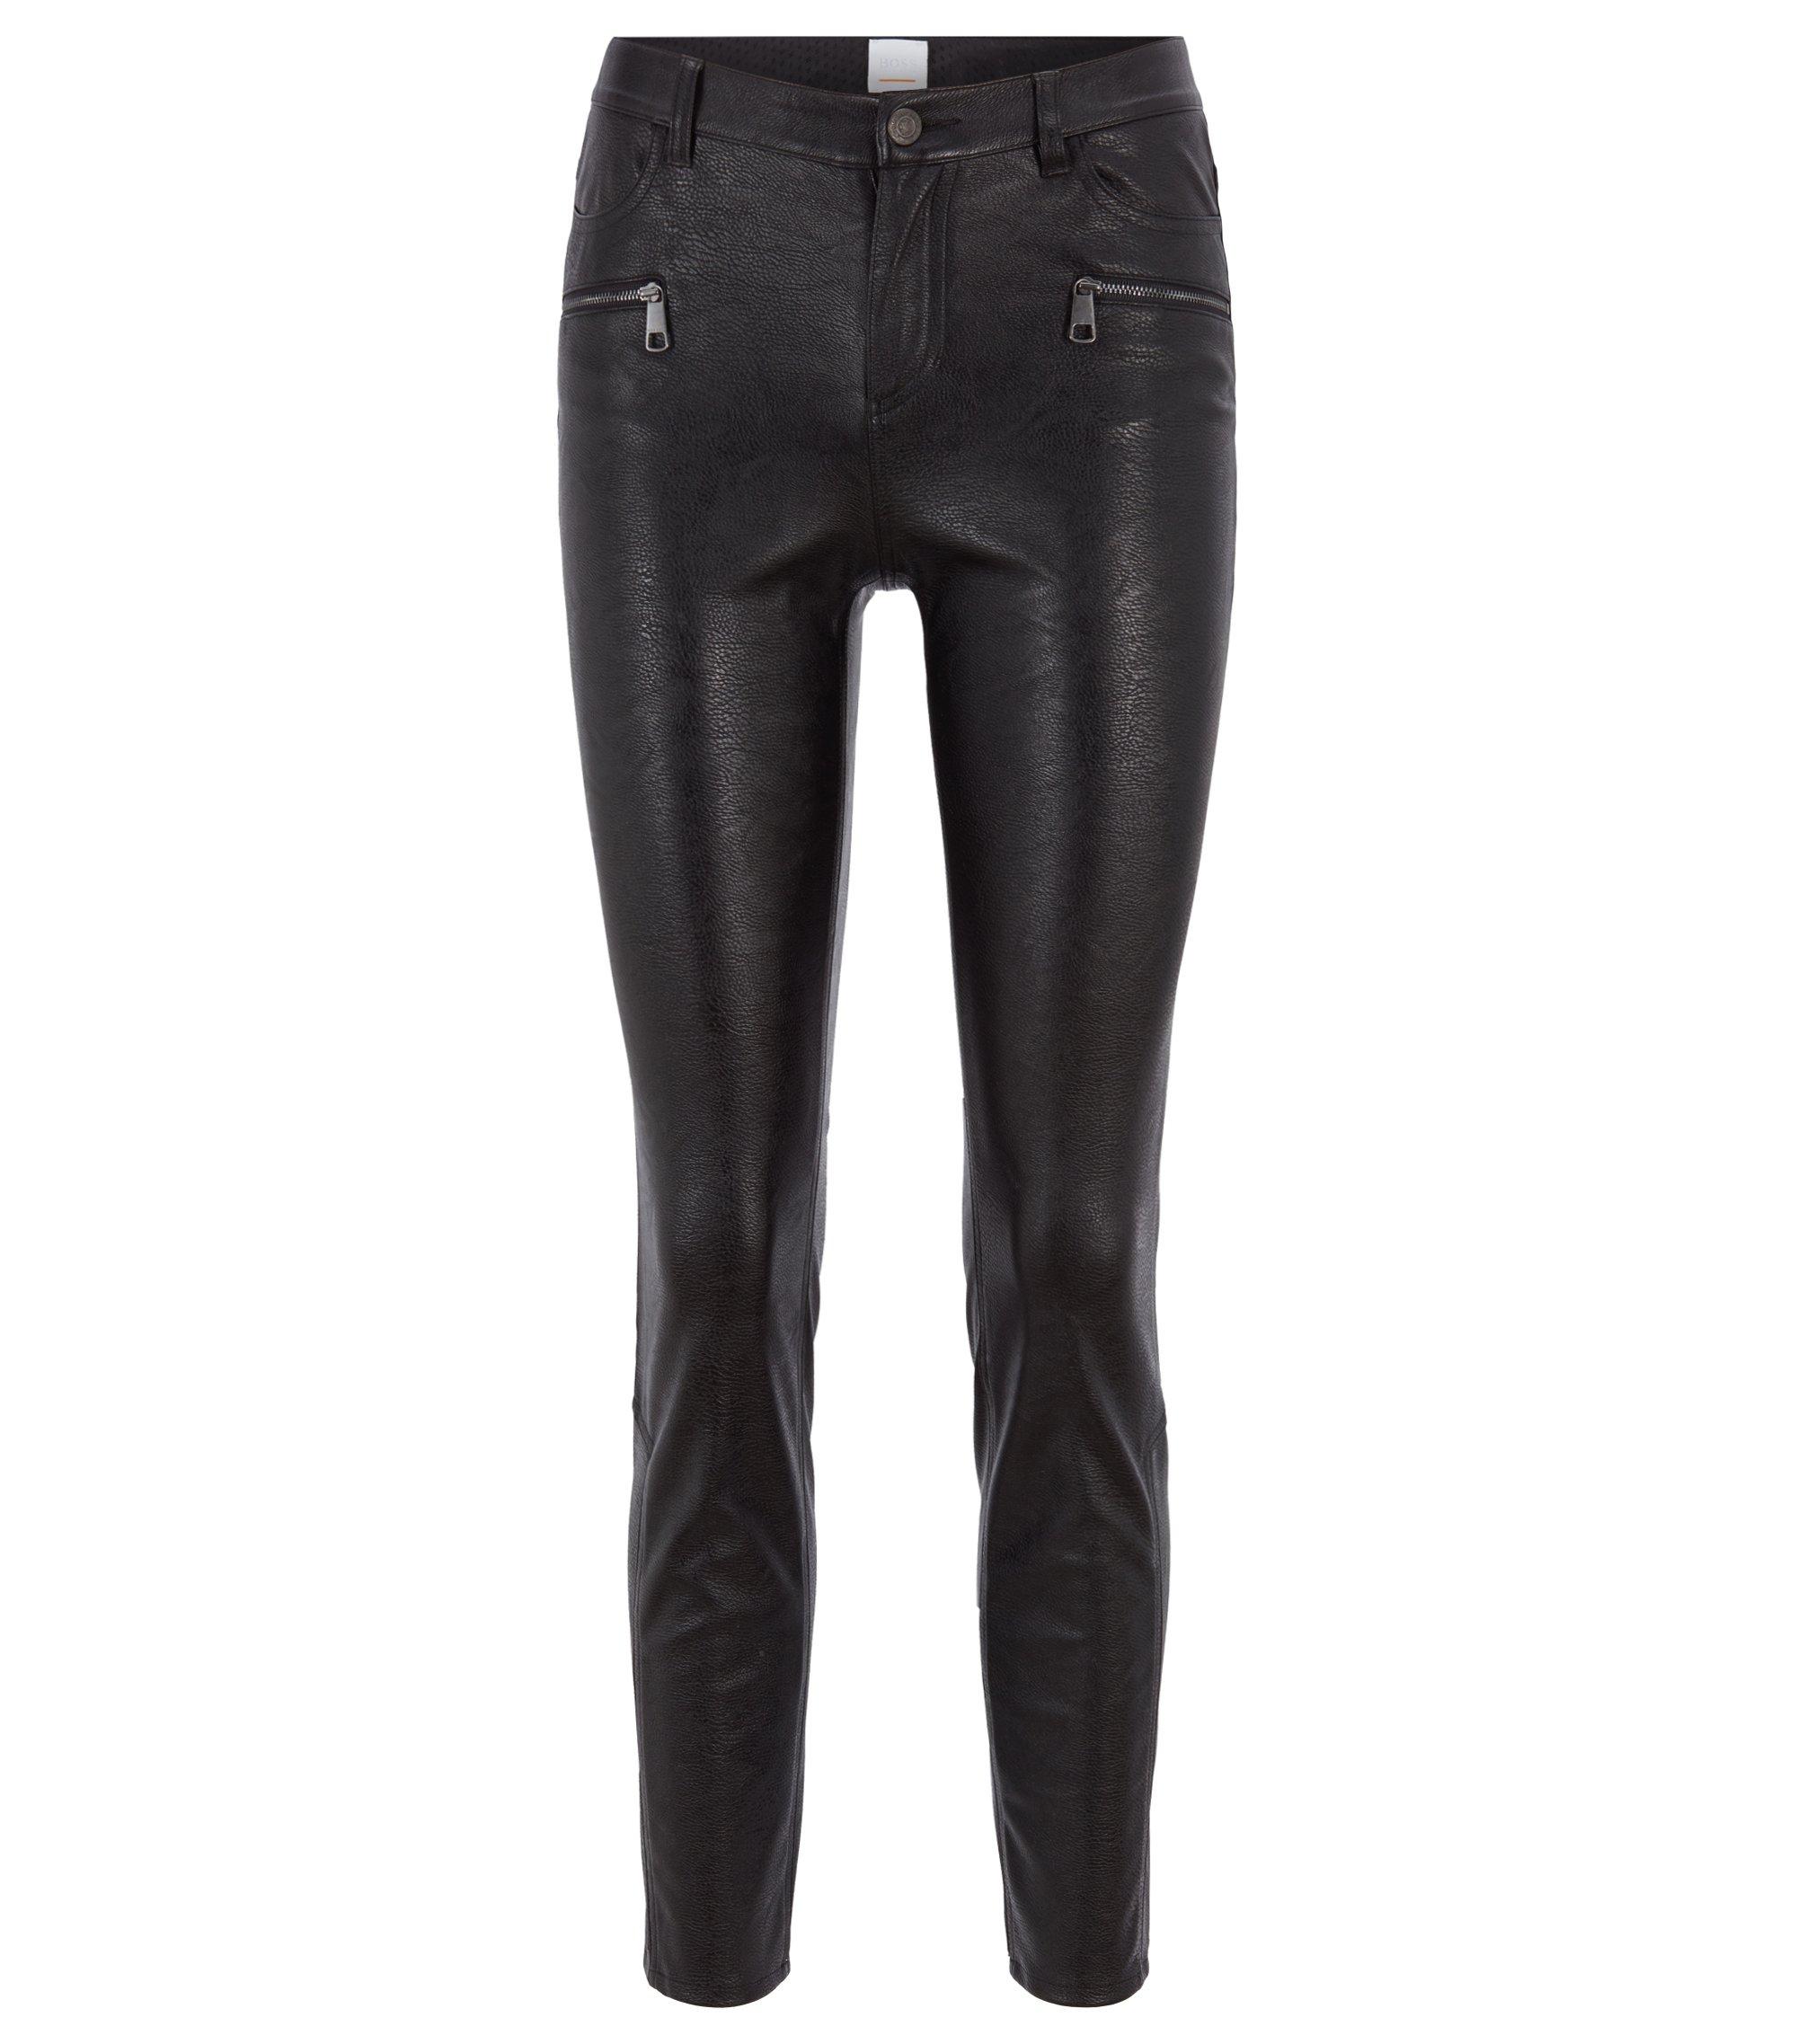 Pantalon Slim Fit en similicuir avec détails zippés, Noir